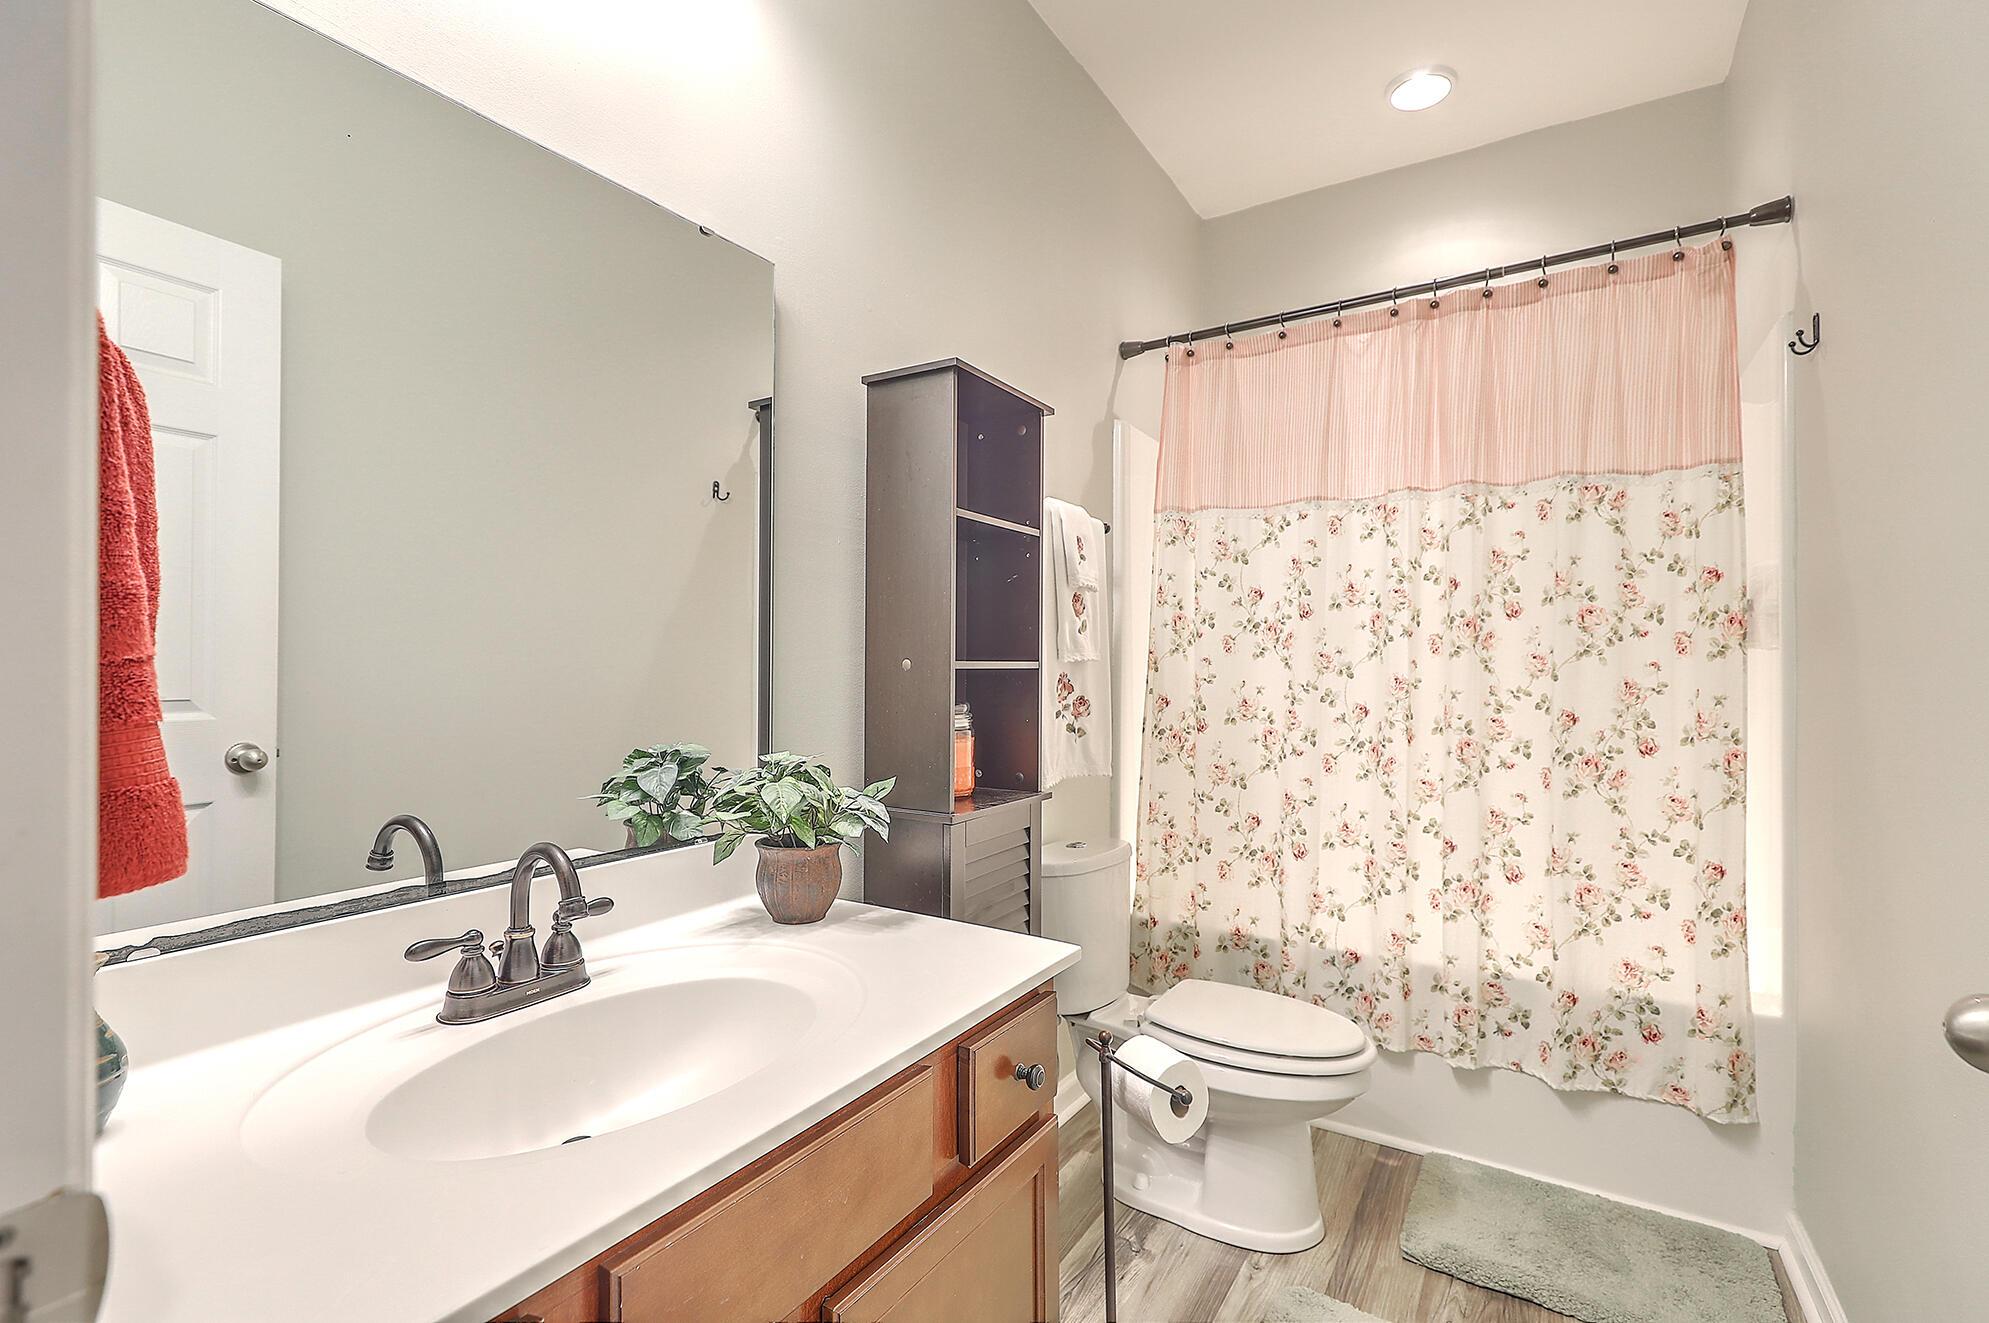 Lieben Park Homes For Sale - 3631 Franklin Tower, Mount Pleasant, SC - 14